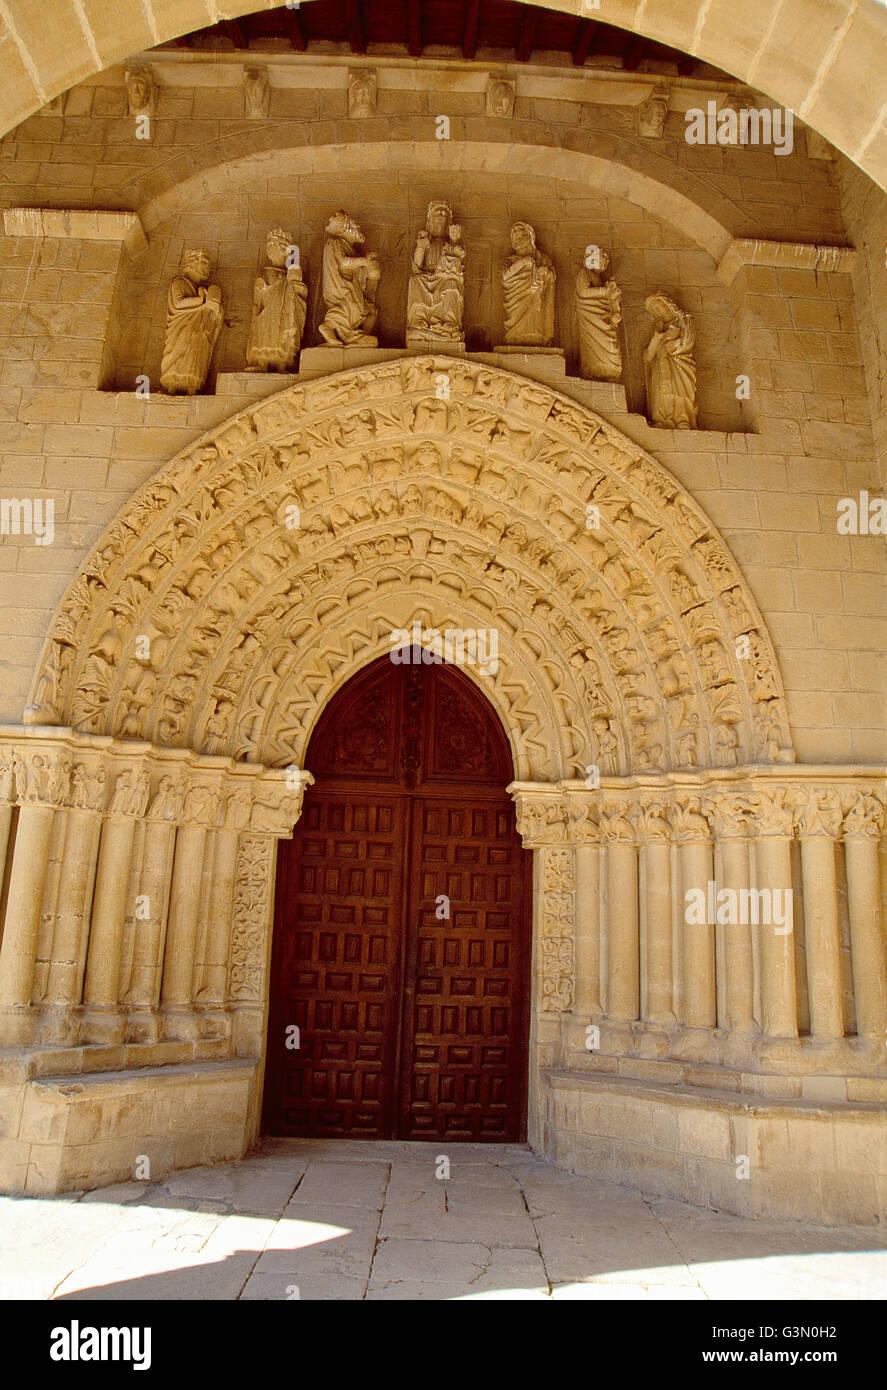 Romanesque facade of the church. Tuesta, Alava province, Basque Country, Spain. - Stock Image